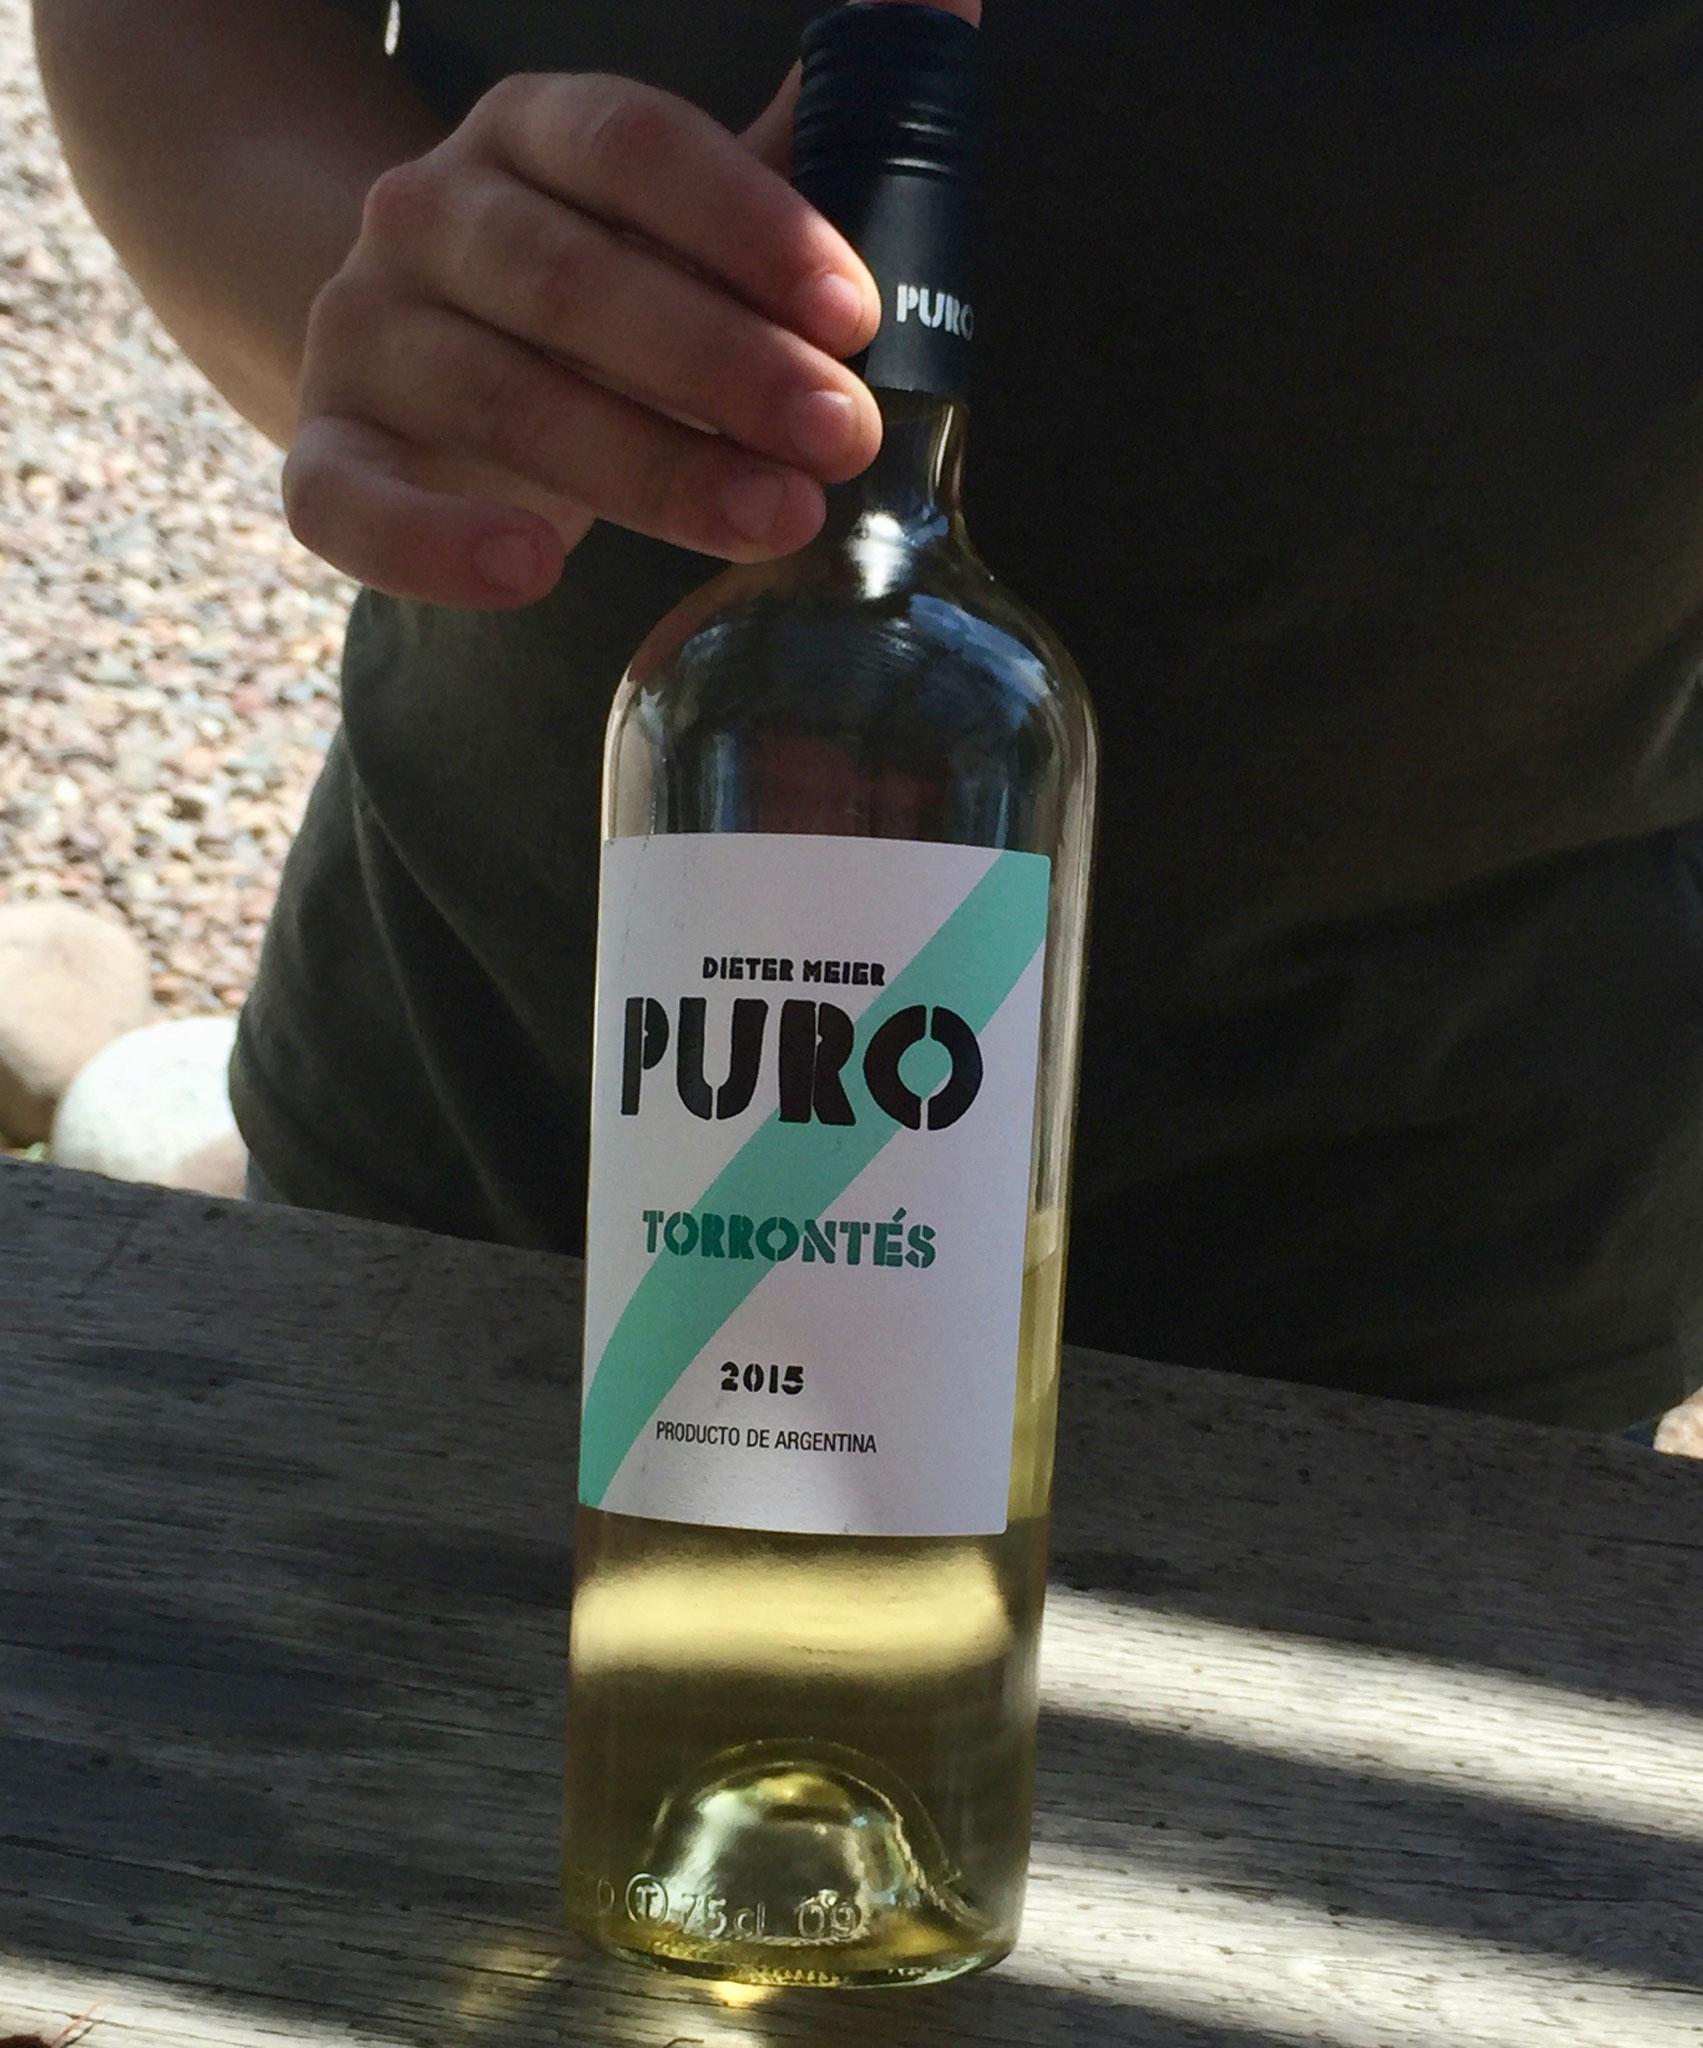 mit dem Wein!